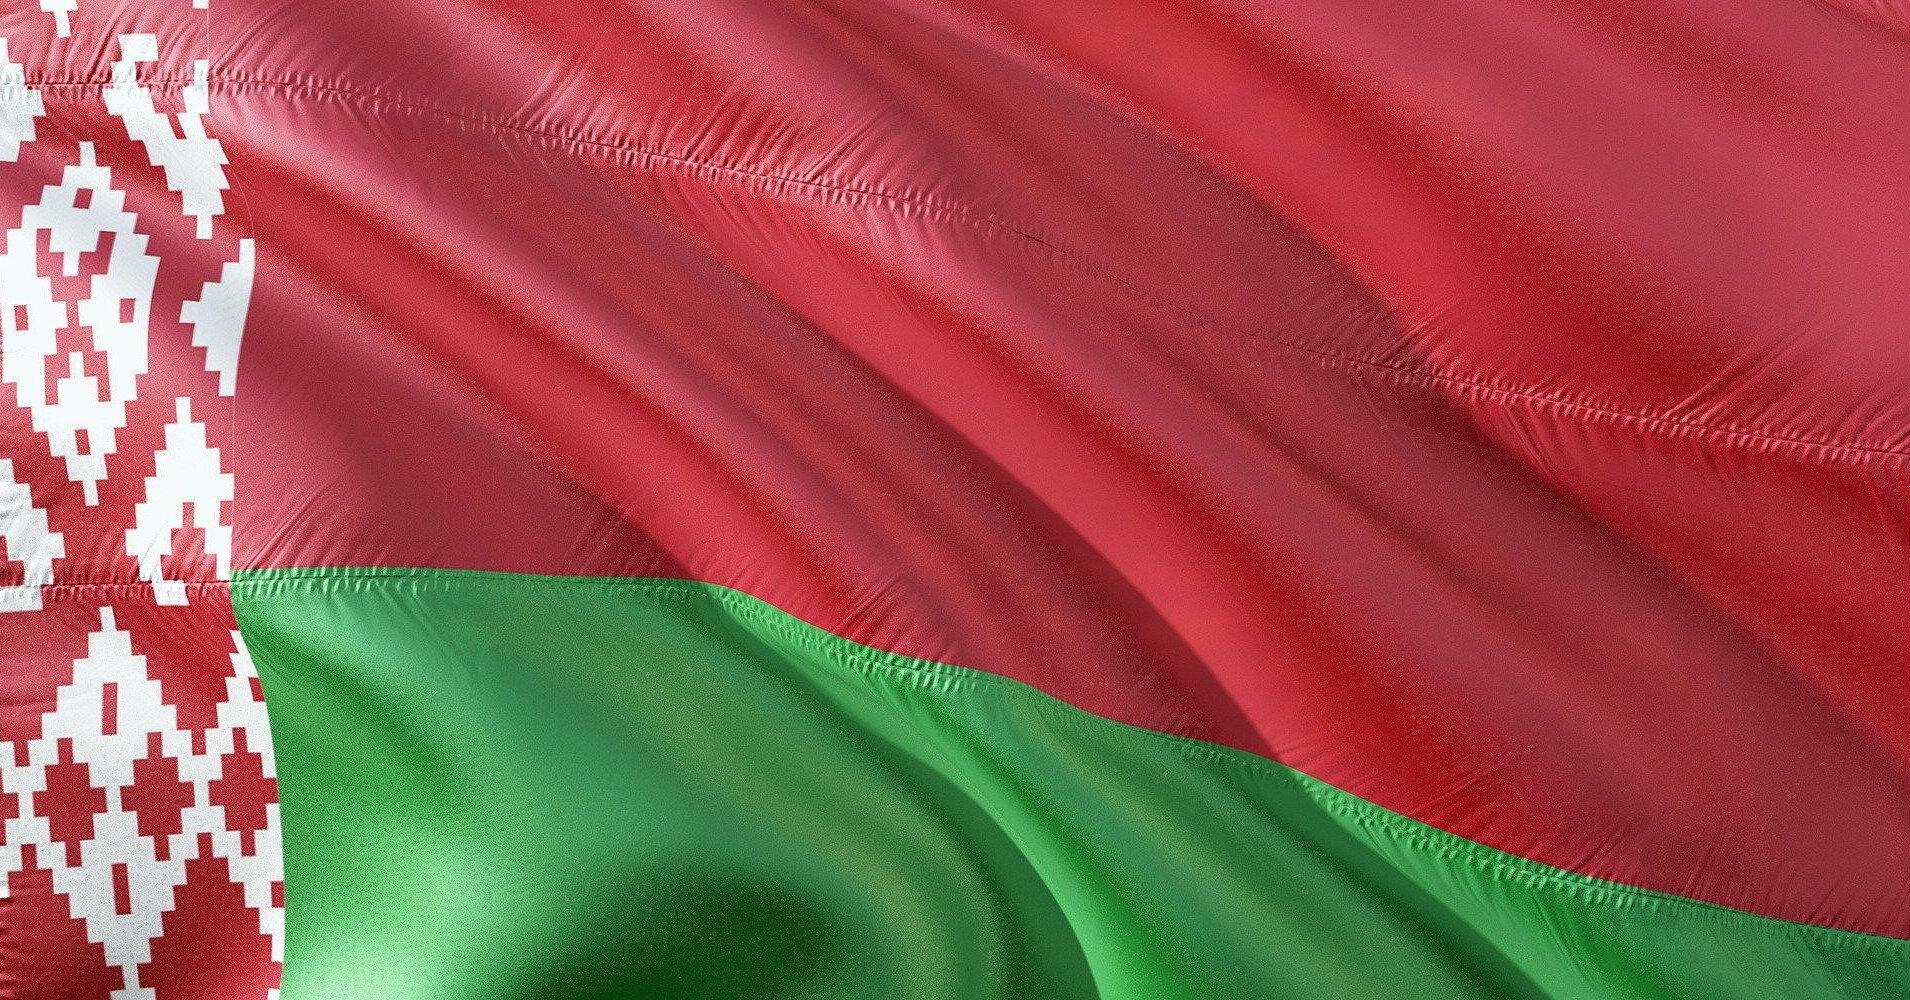 Британия ввела новый пакет санкций против Беларуси